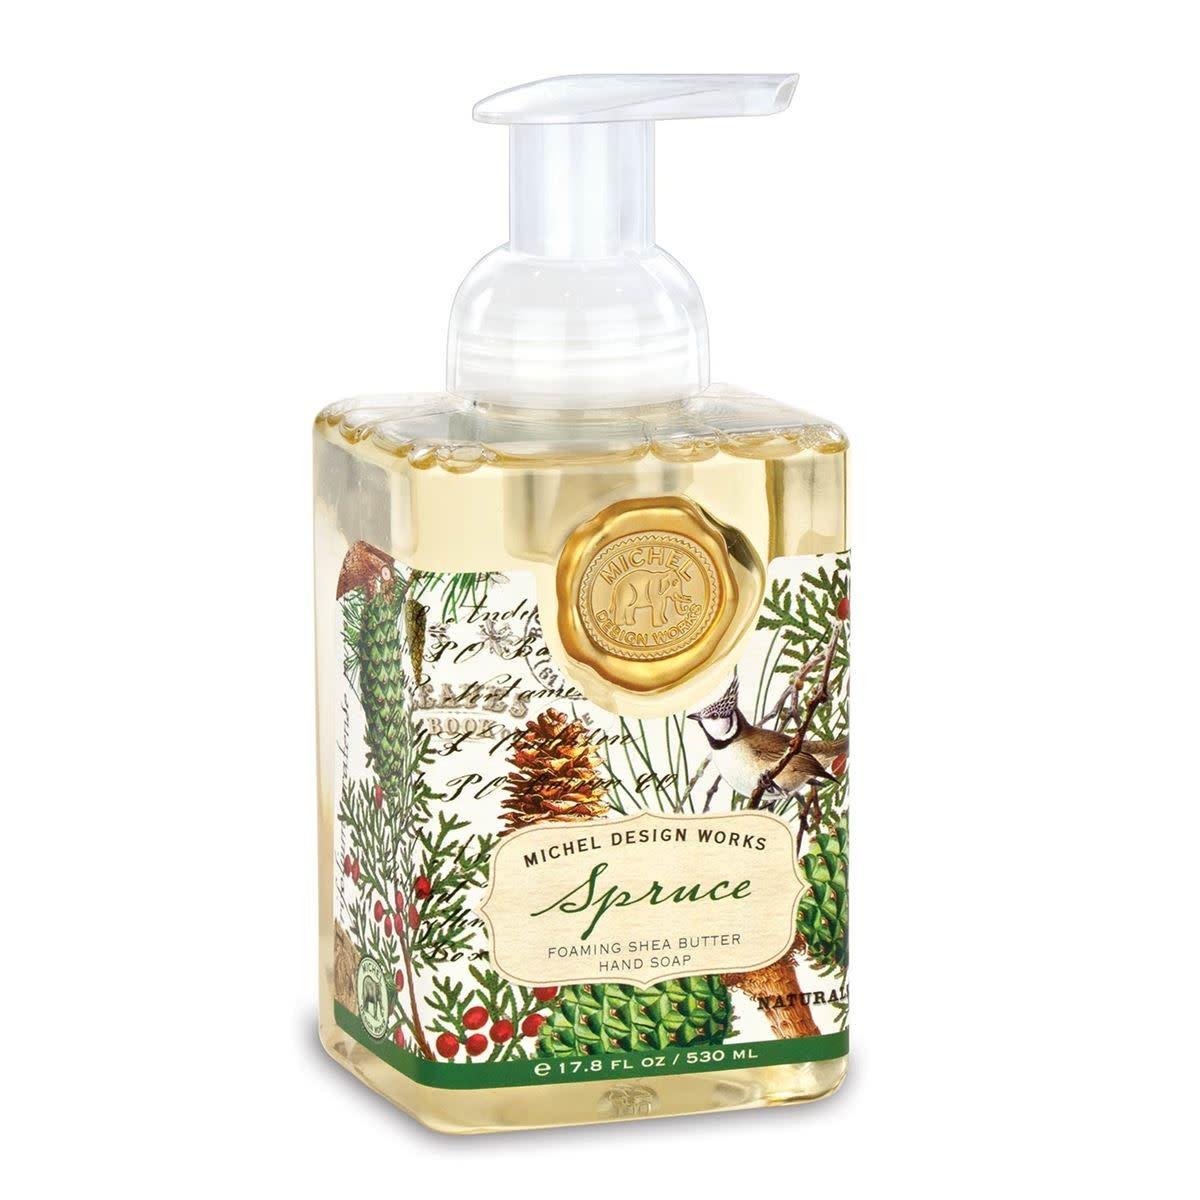 Michel Design Works Spruce Foamer Soap